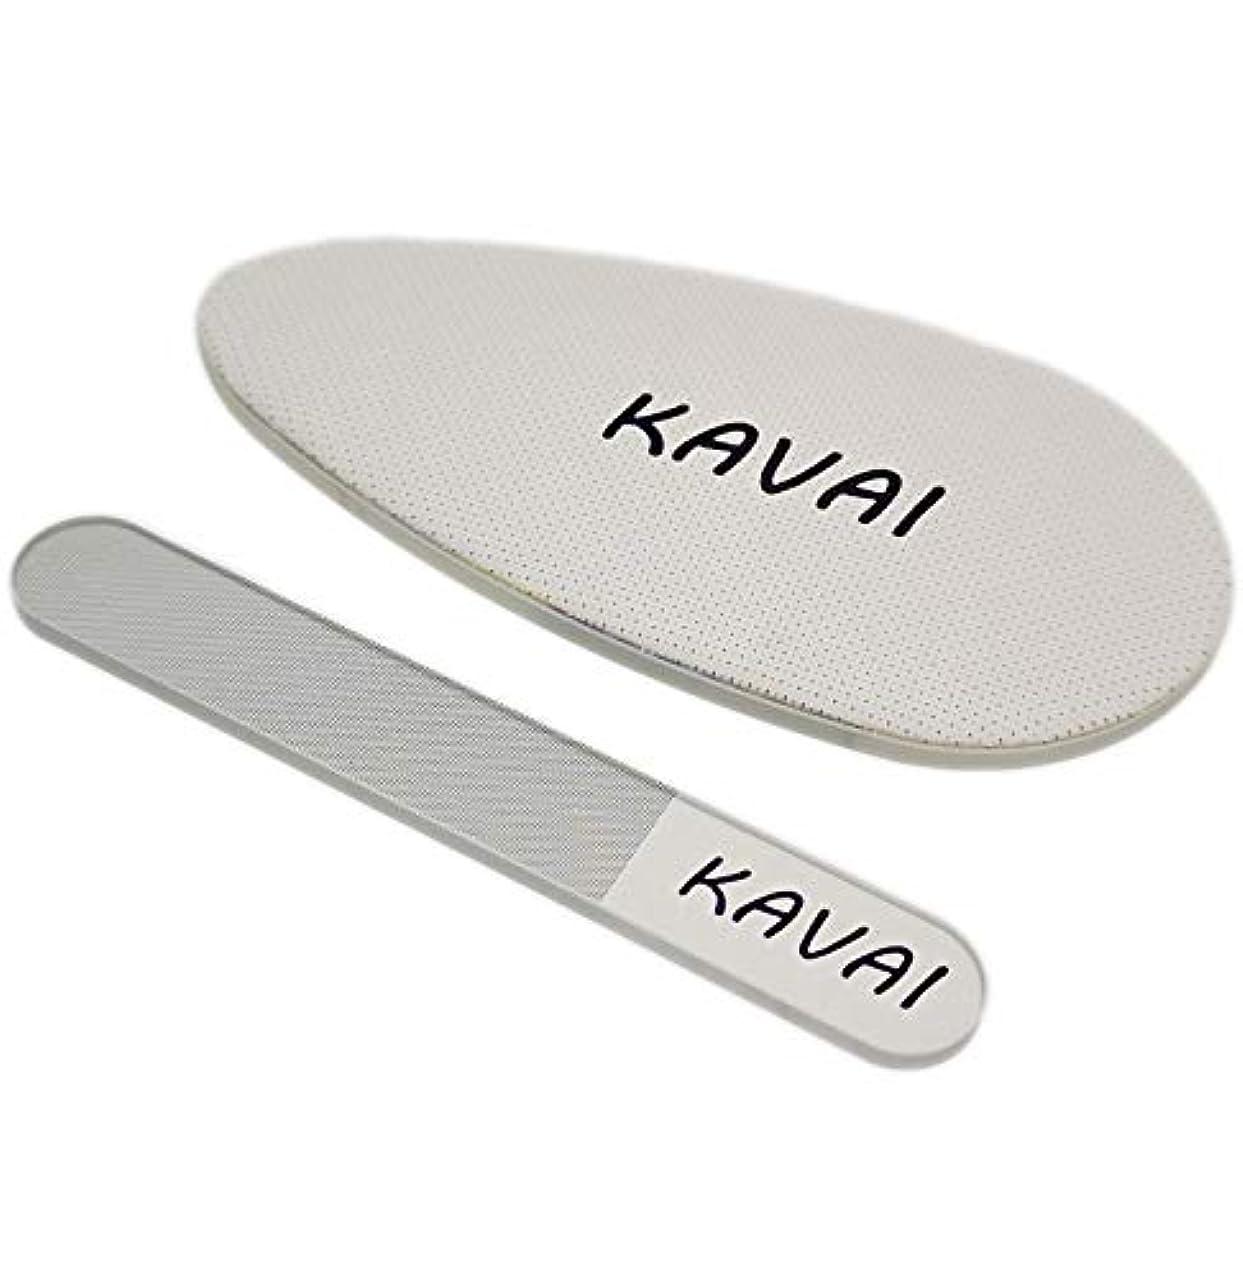 耐えられない生む守るKavai かかと削り, かかと 角質取り ガラス, ガラス製かかとやすり 足 かかと削り かかと削り かかと磨き ガラス製 爪やすり (爪やすり)